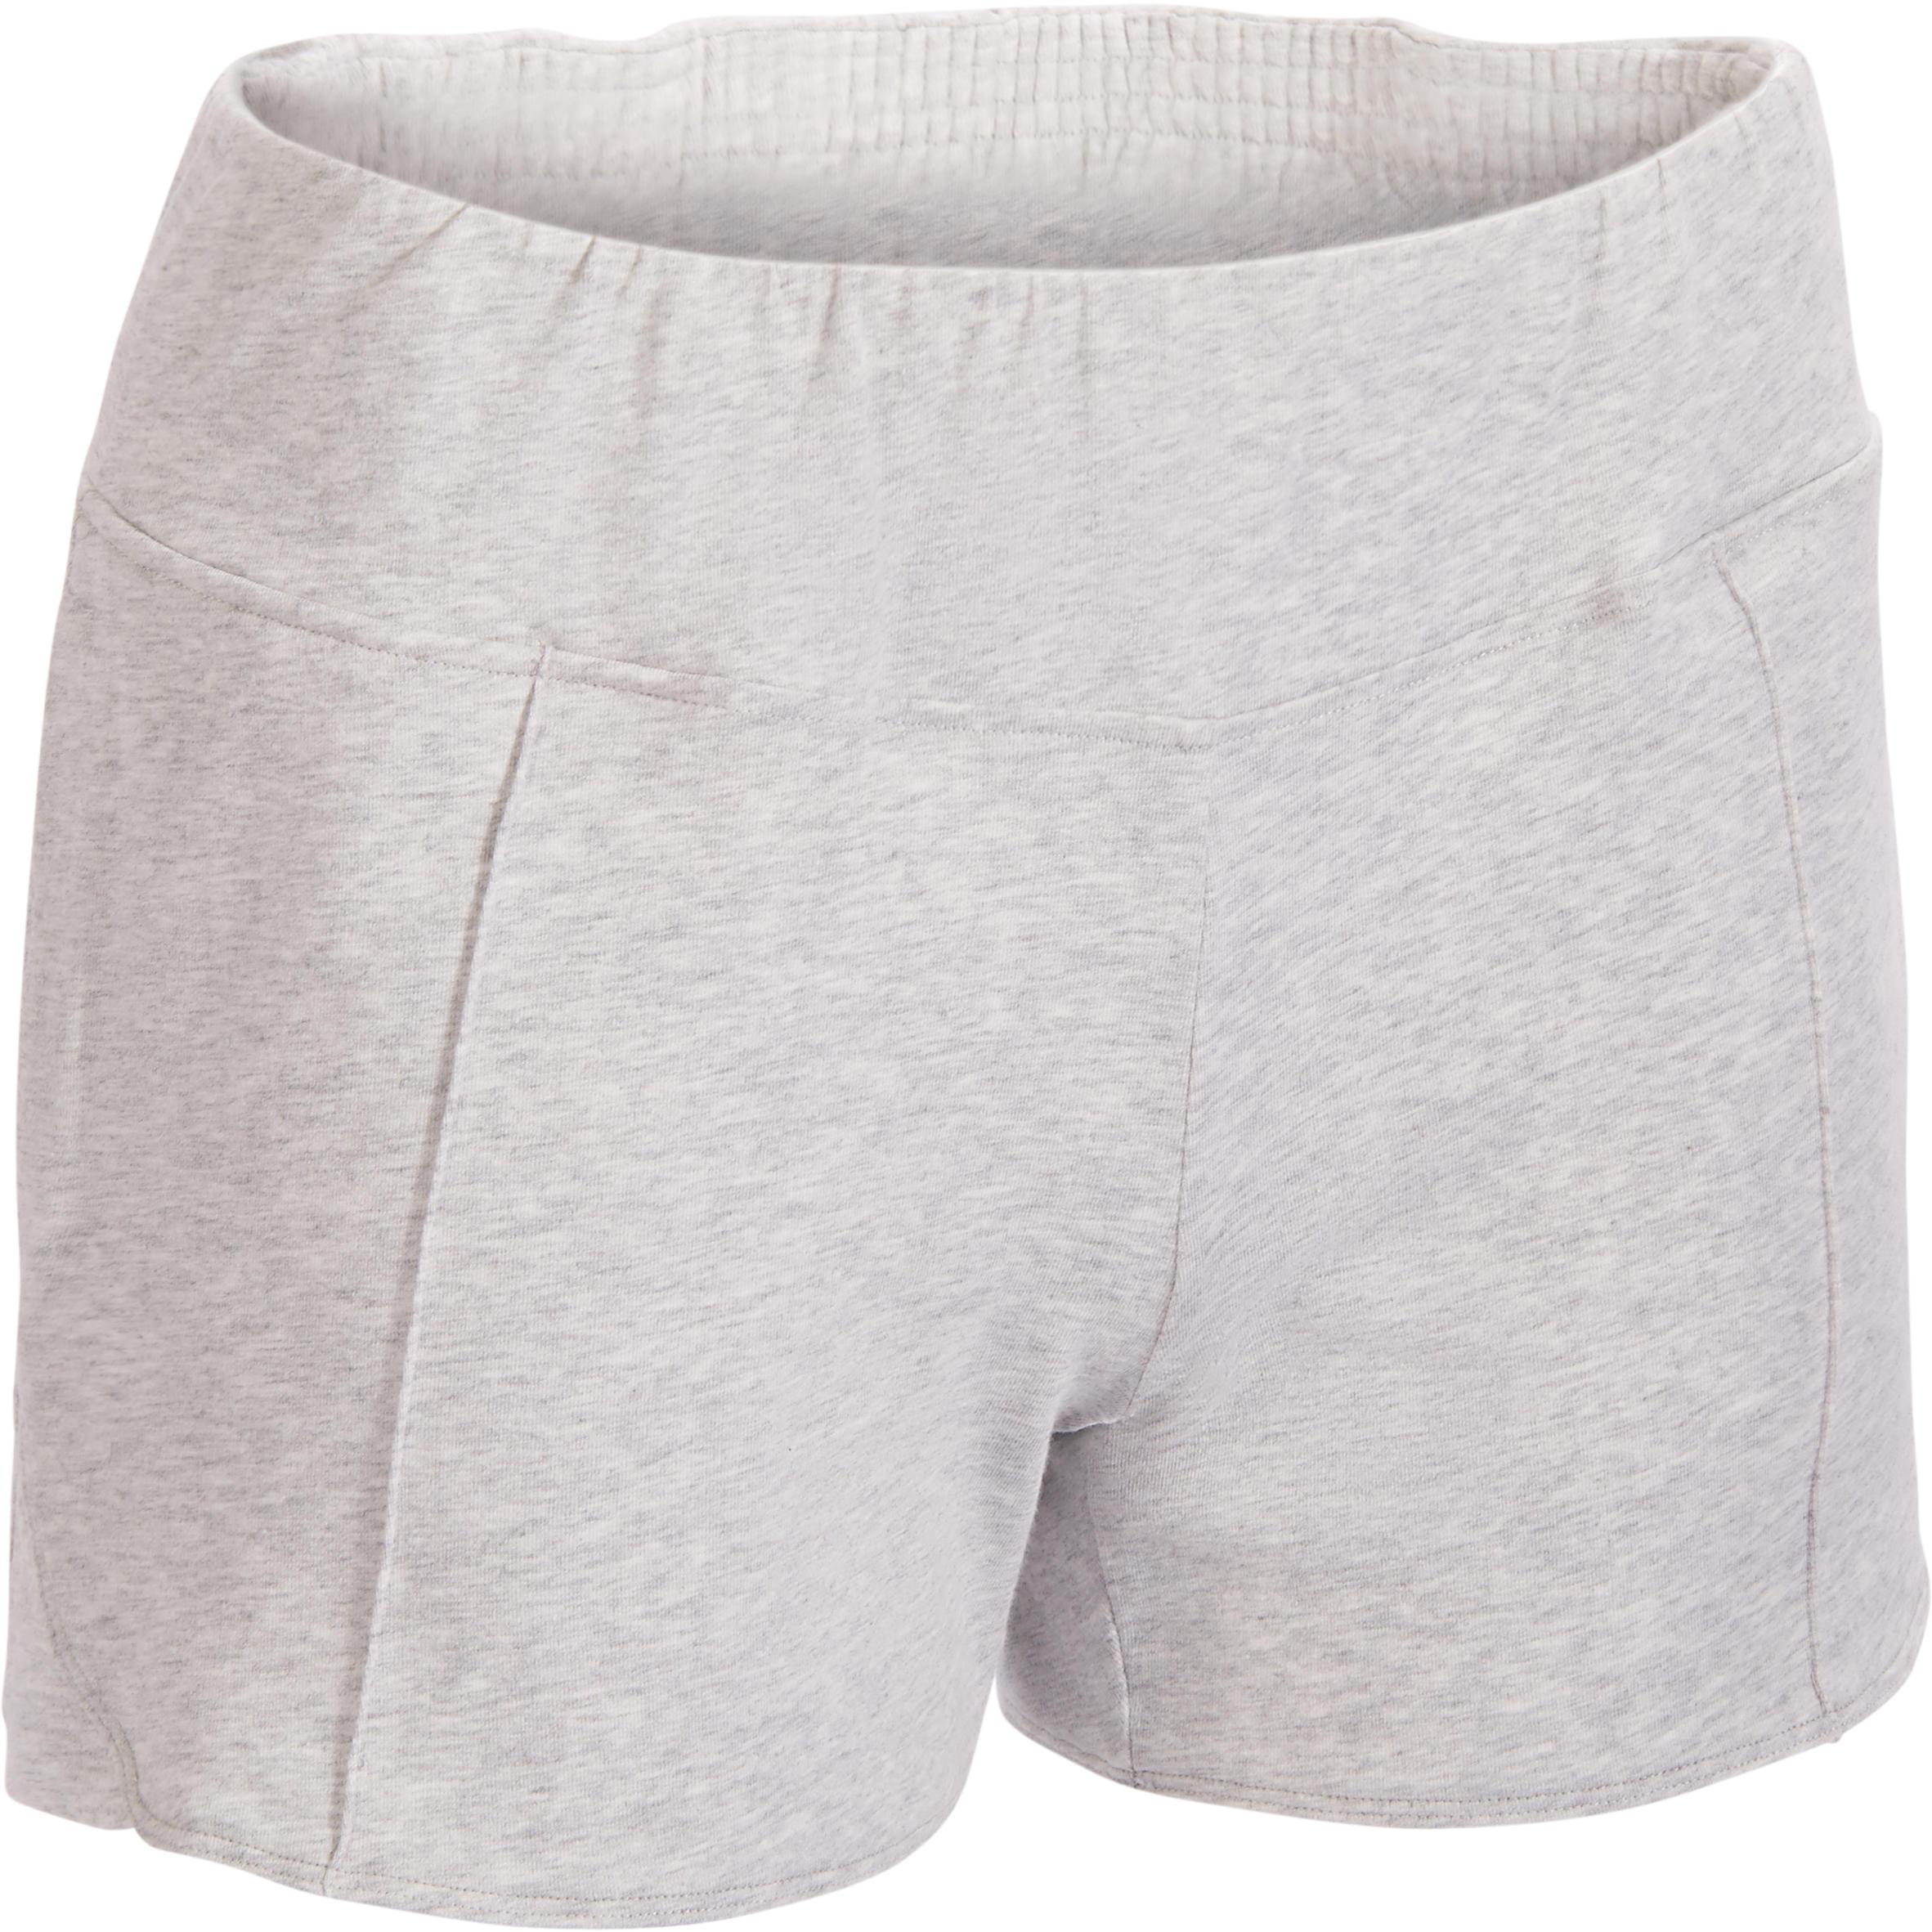 Short 520 para gimnasia y pilates para mujer gris claro jaspeado